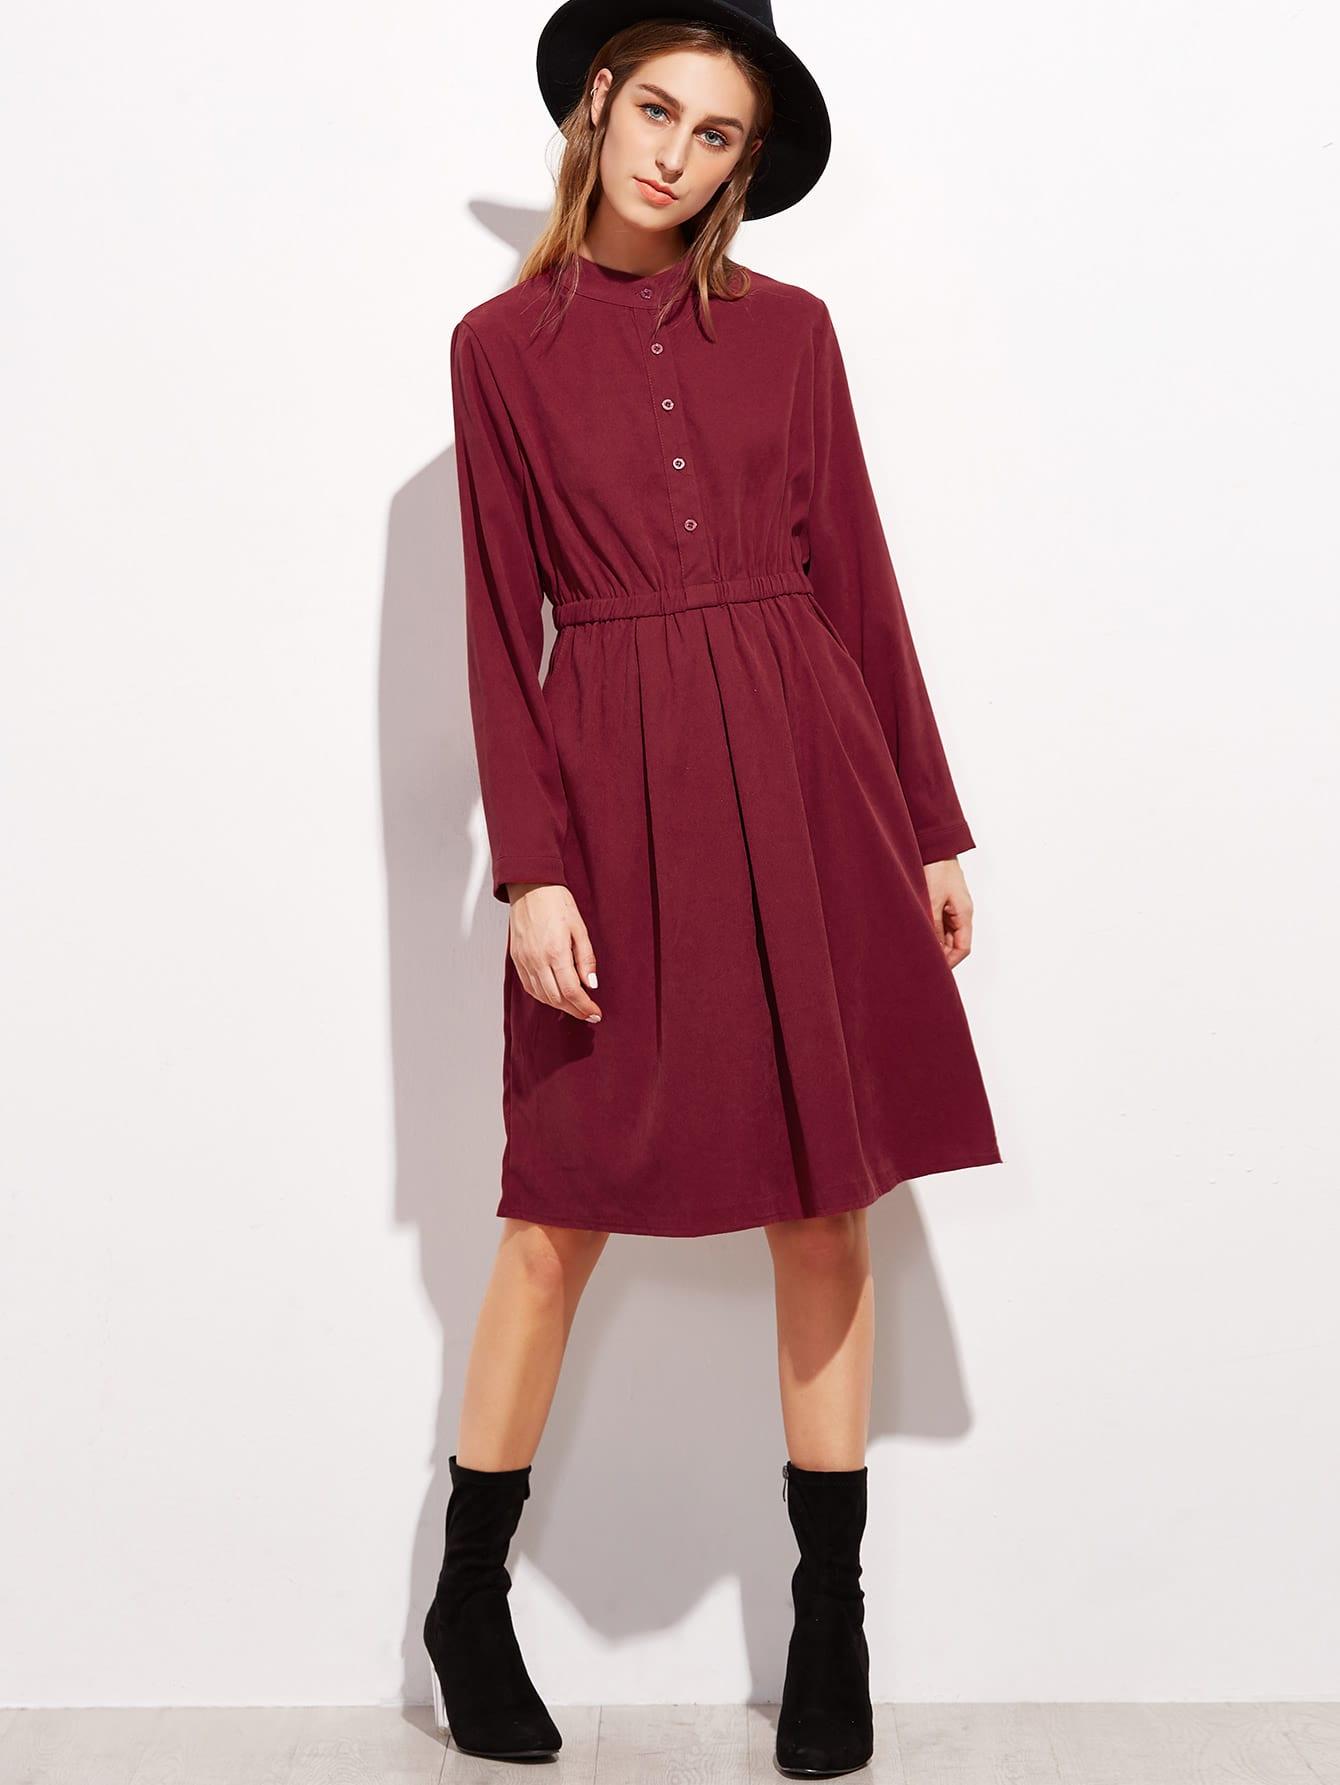 dress161007104_2